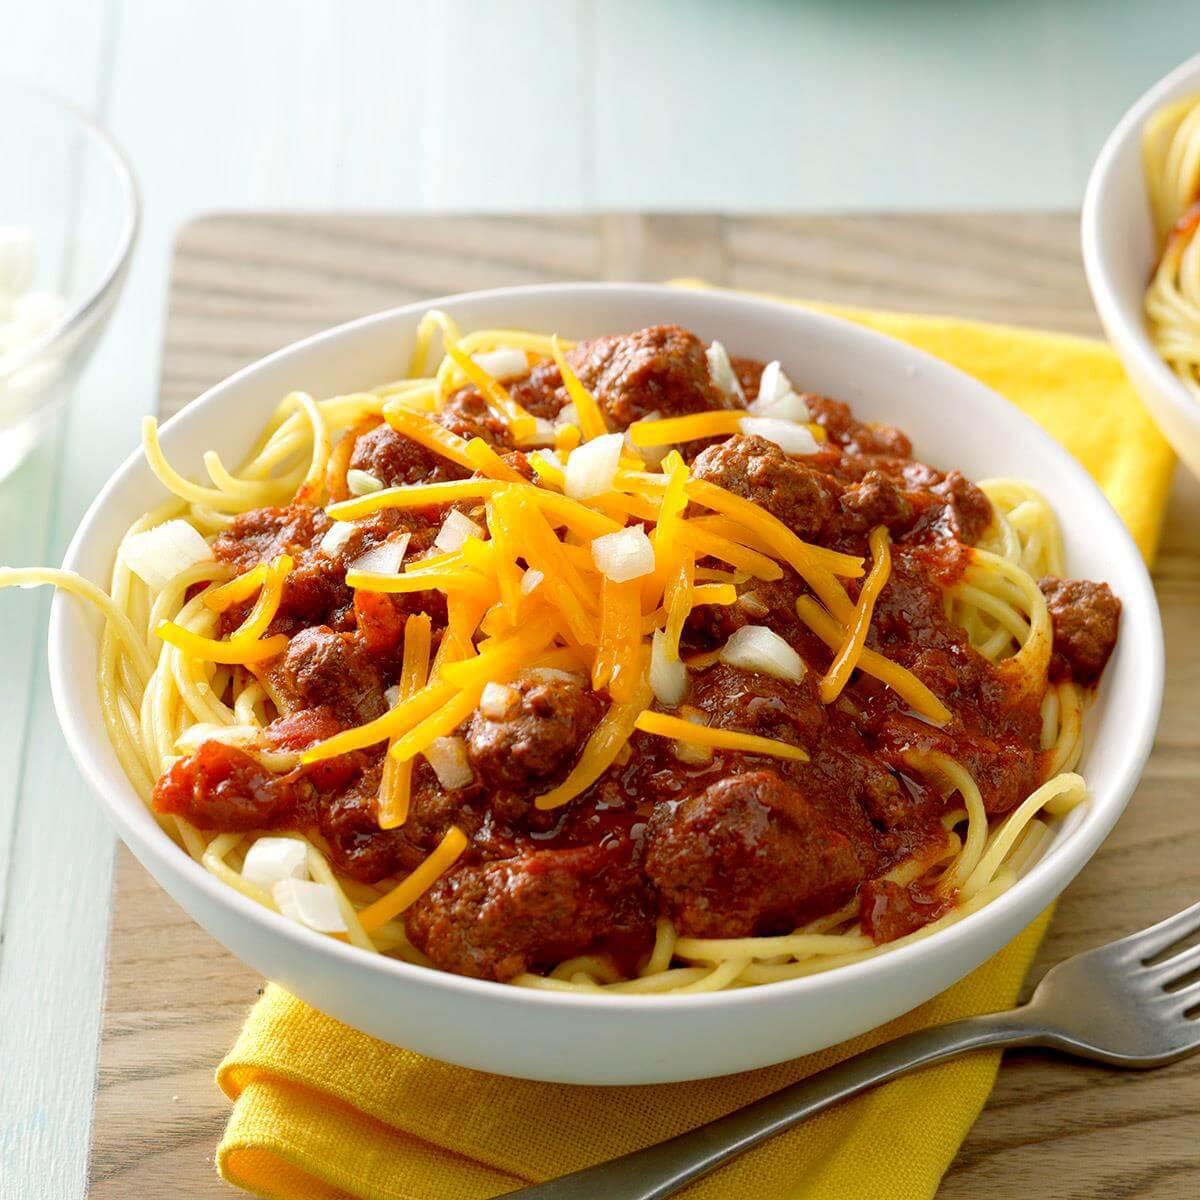 Семь блюд американской кухни, без которых Америка не была бы Америкой. Рутин-Тутин Цинциннати чили